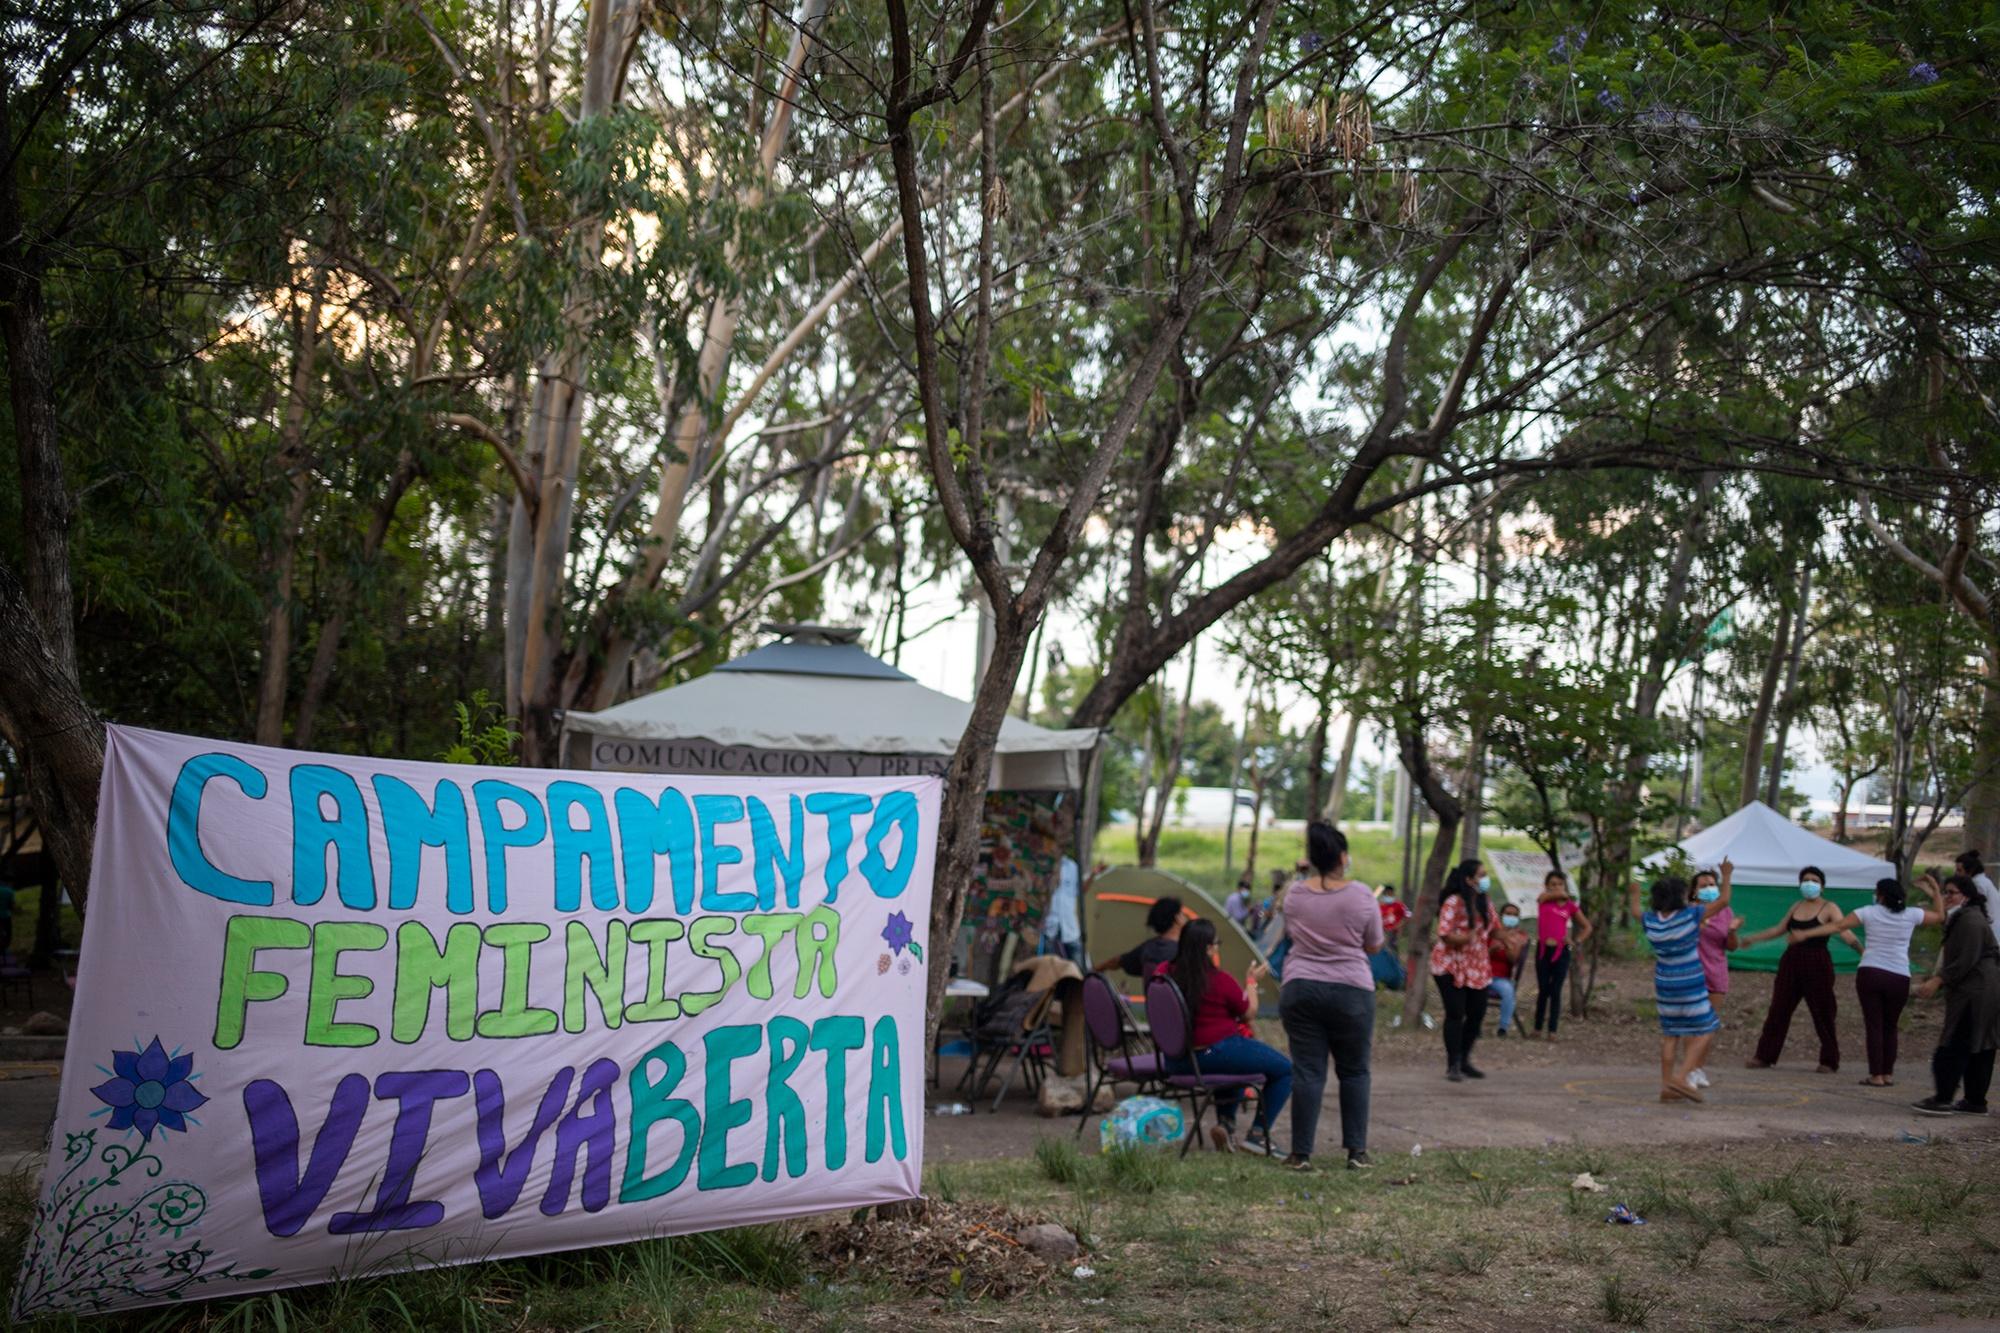 En las inmediaciones de la Corte Suprema de Justicia, distintas organizaciones han participado por segunda semana en el Campamento Feminista Viva Berta, una acción que pretende extenderse todavía por una semana más. Tegucigalpa, 19 de mayo de 2021. Foto: Martín Cálix.